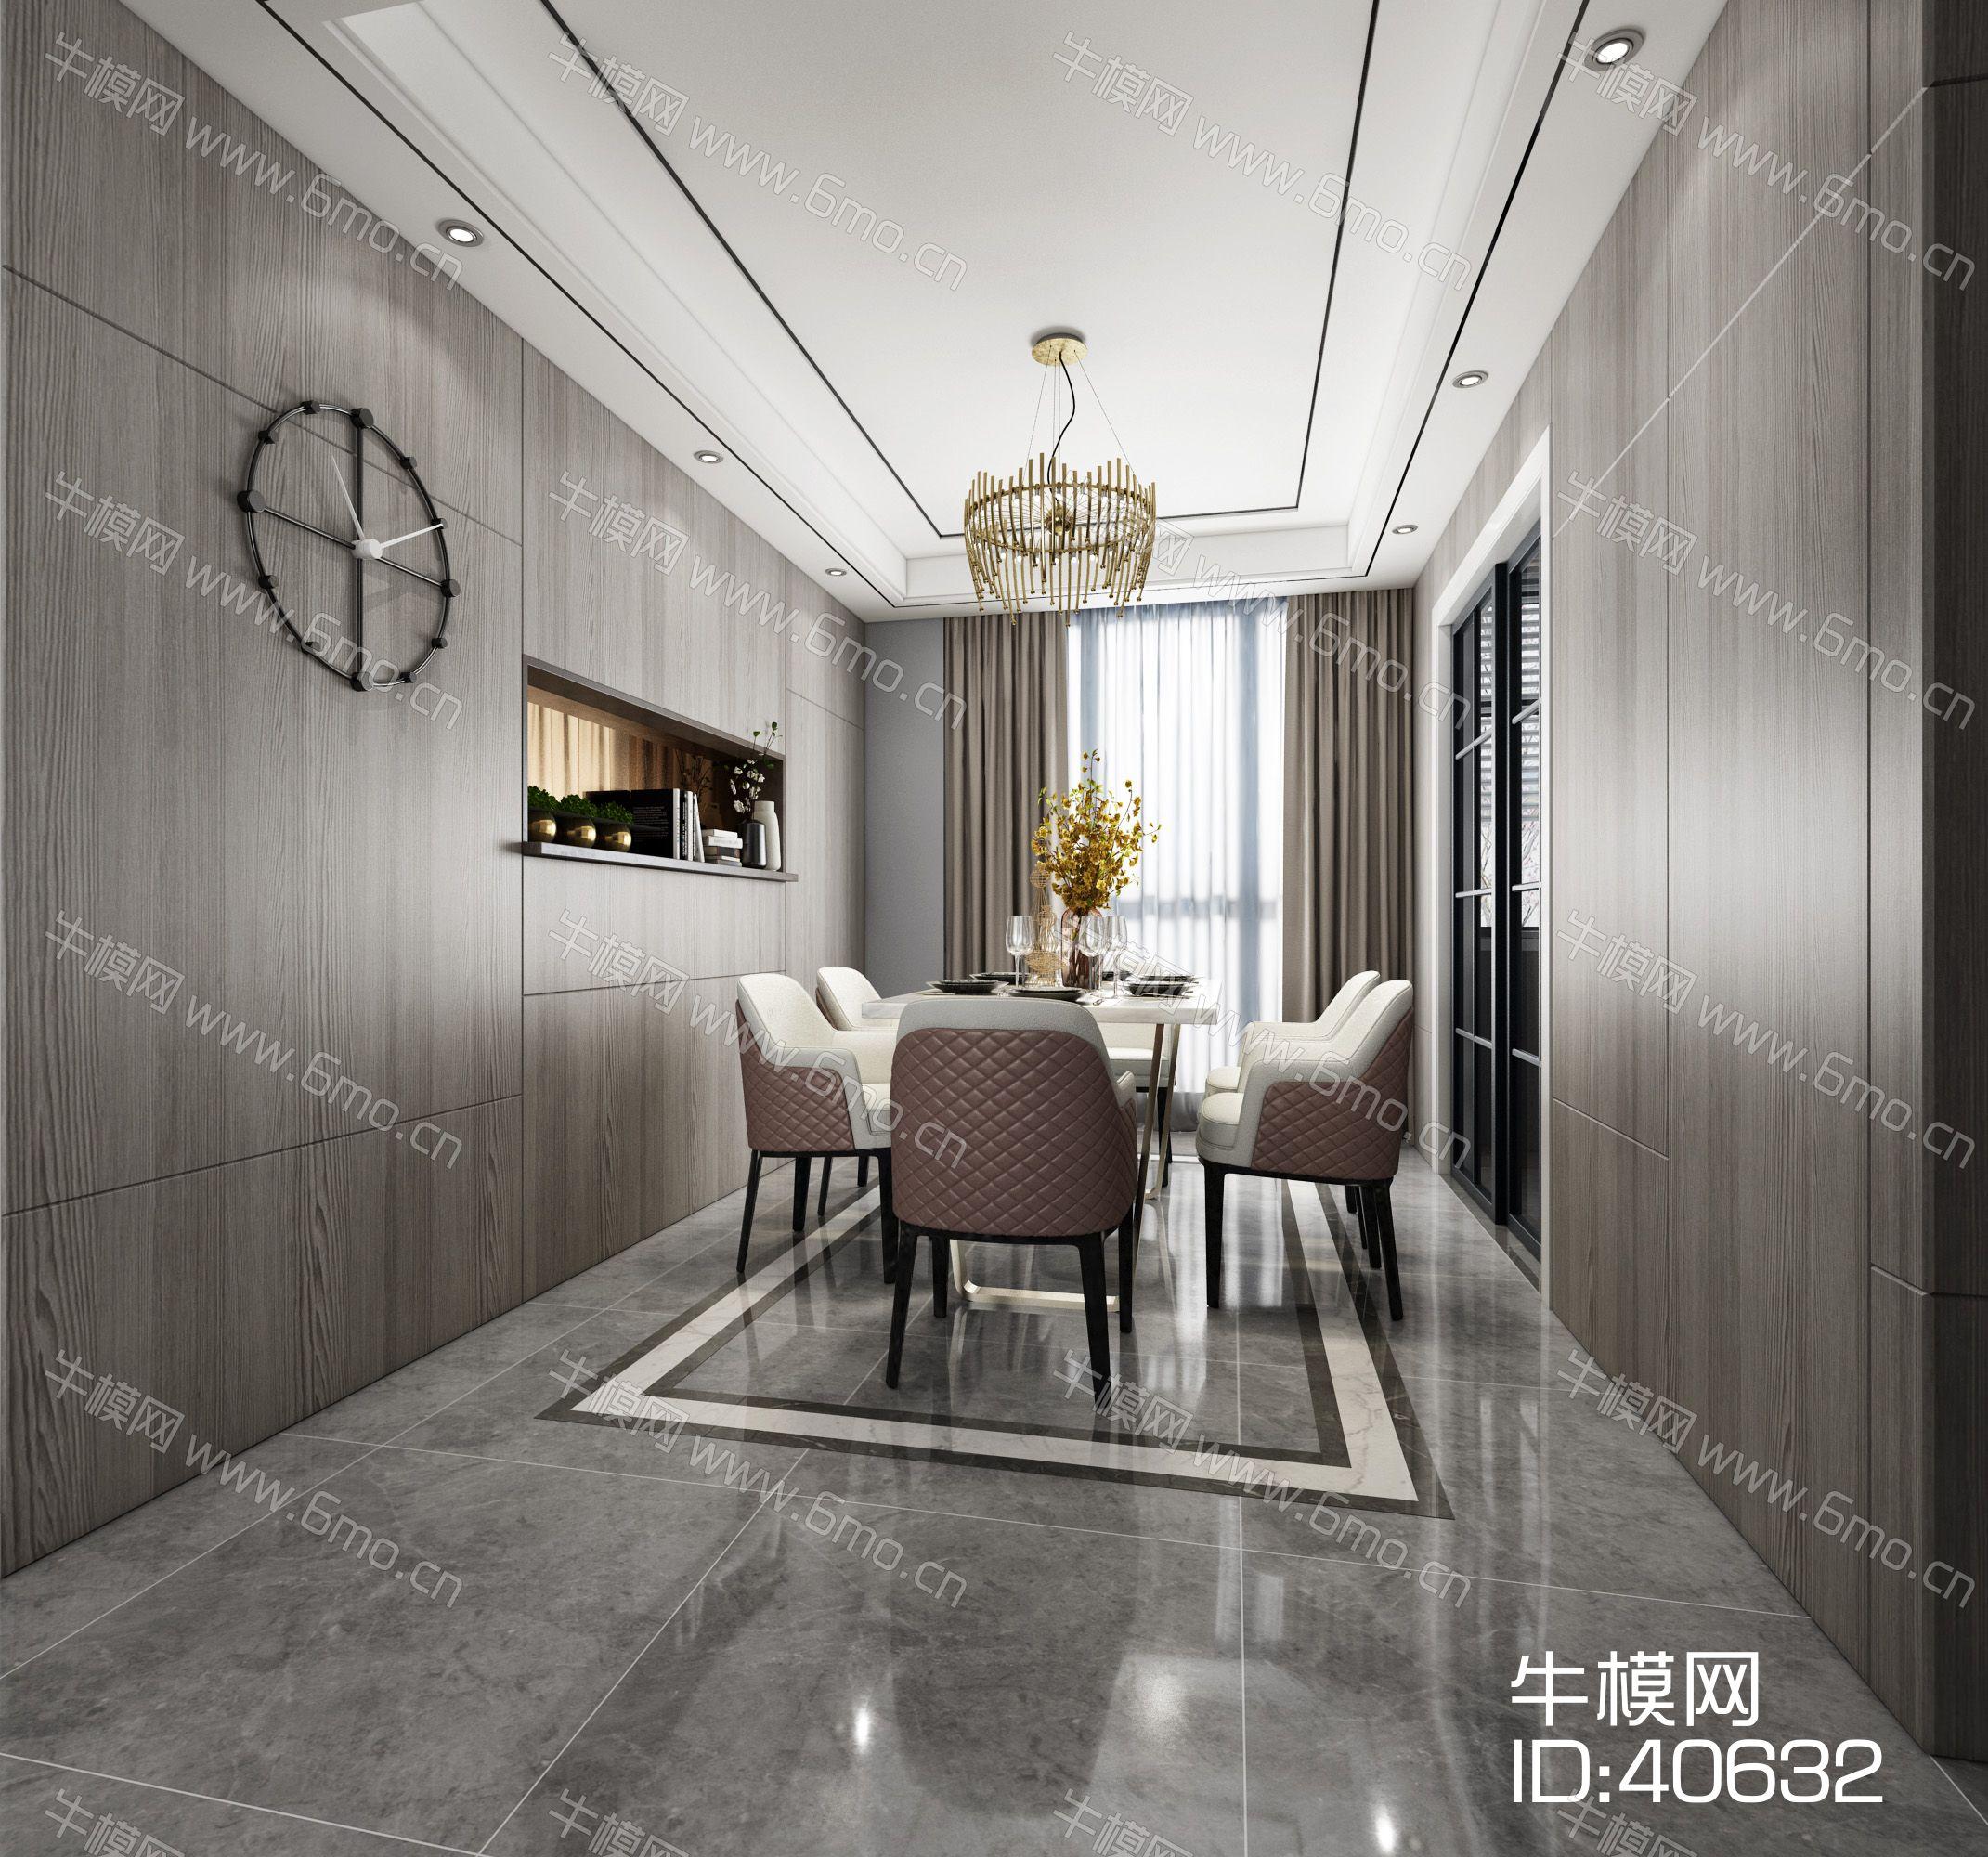 现代客厅餐厅沙发电视柜餐桌装饰画吊灯